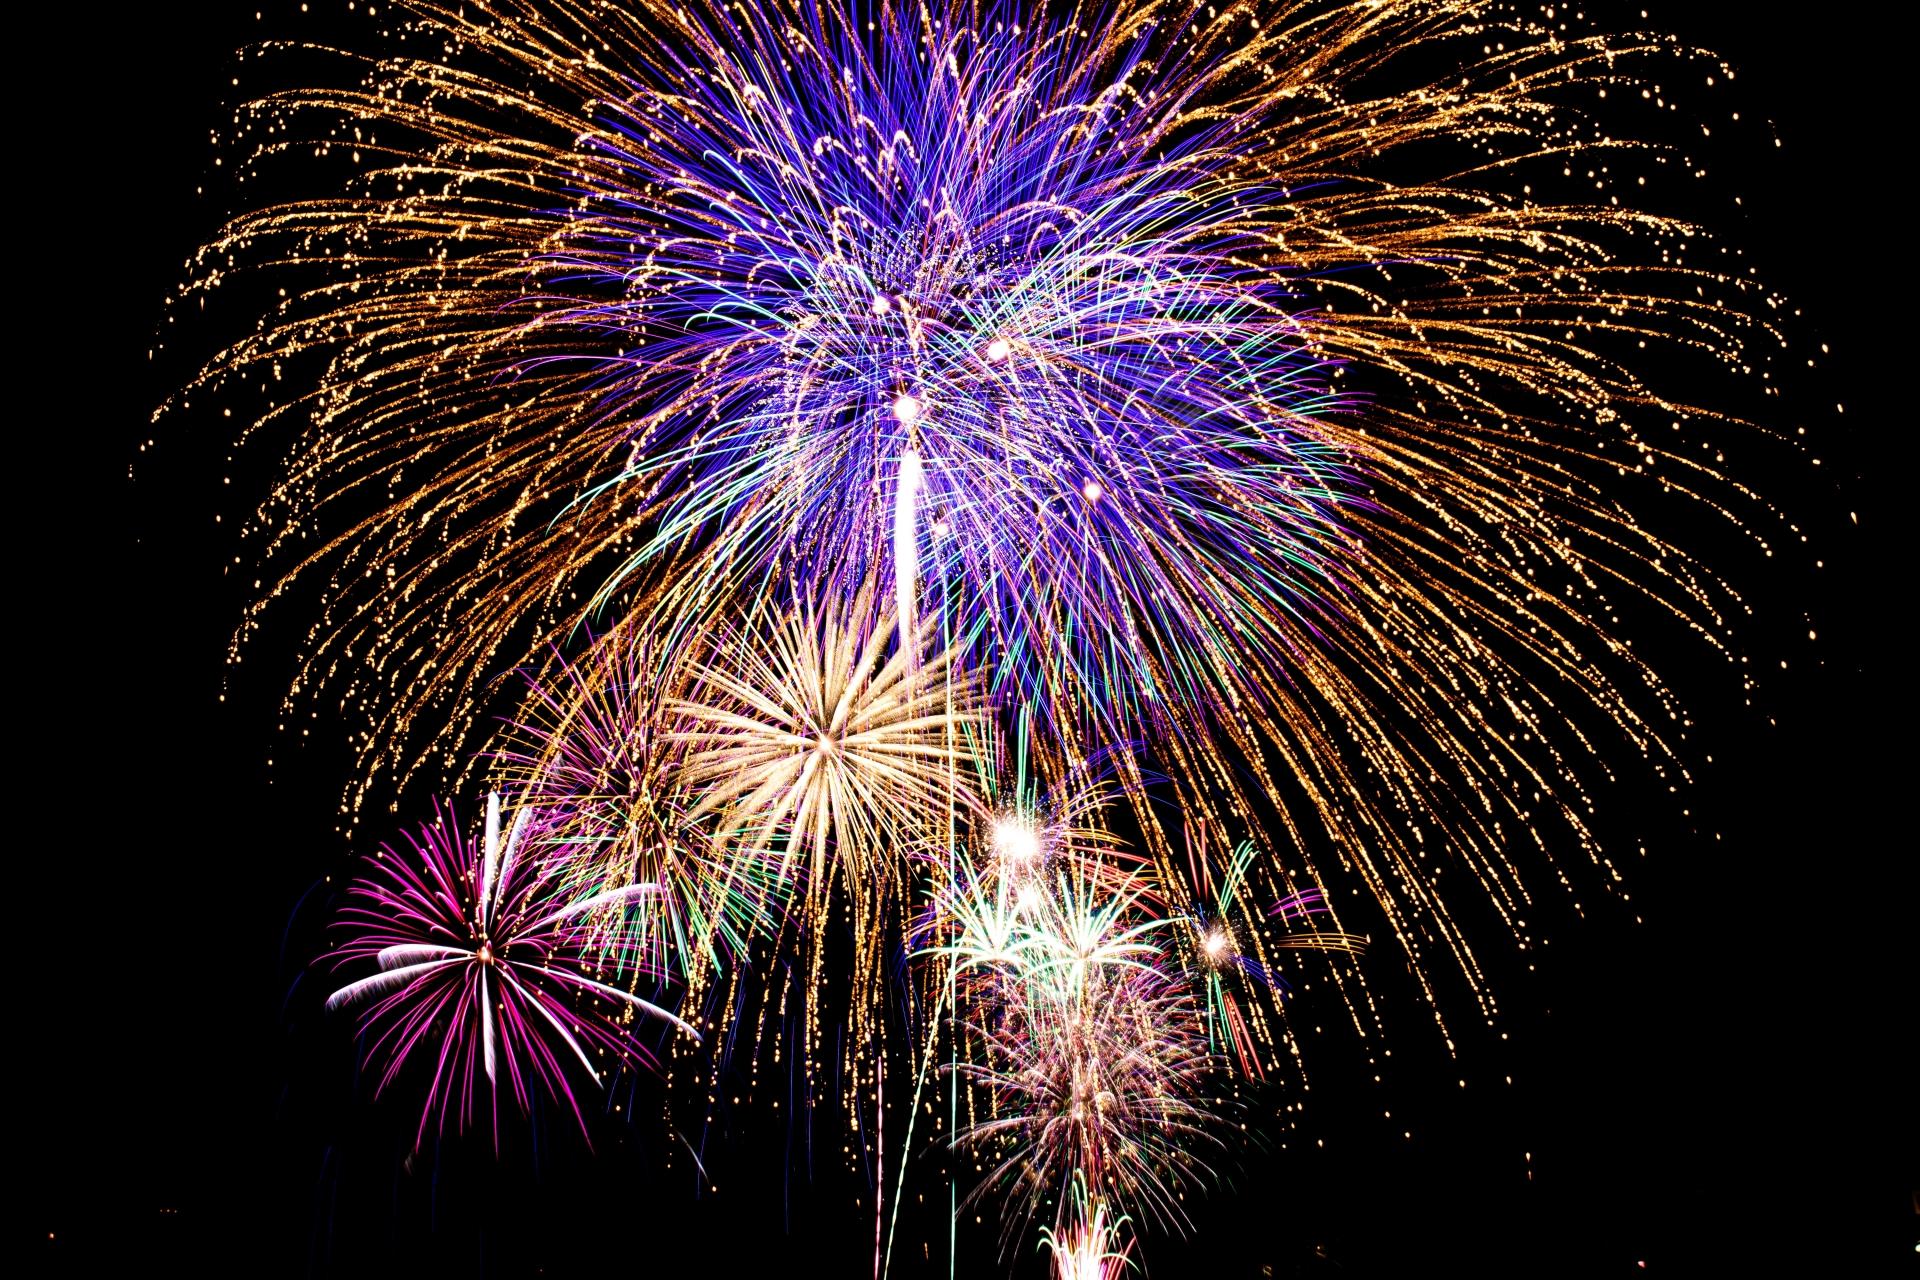 【悲報】大濠公園の花火大会が今季かぎりで終了するらしい。